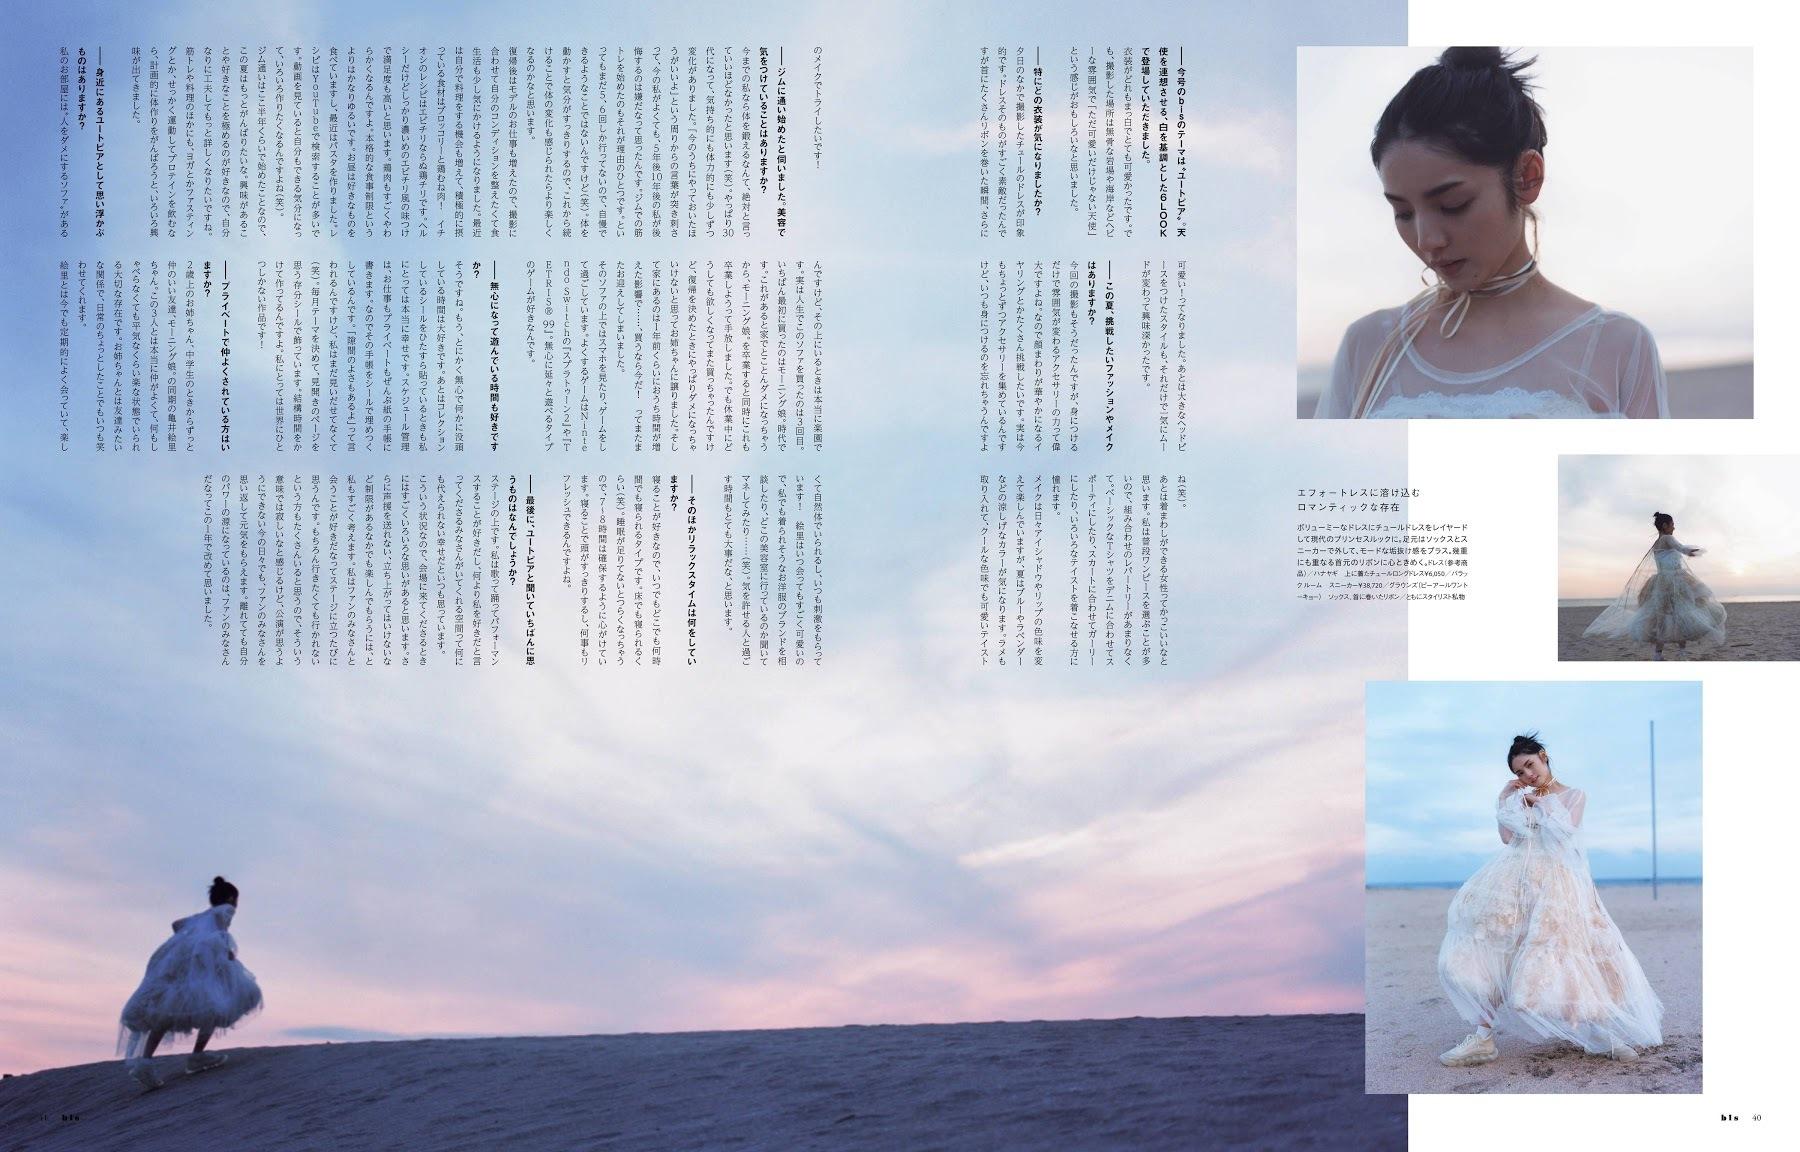 宫脇咲良 与田祐希 道重沙由美-bis 2021年第七期  高清套图 第29张